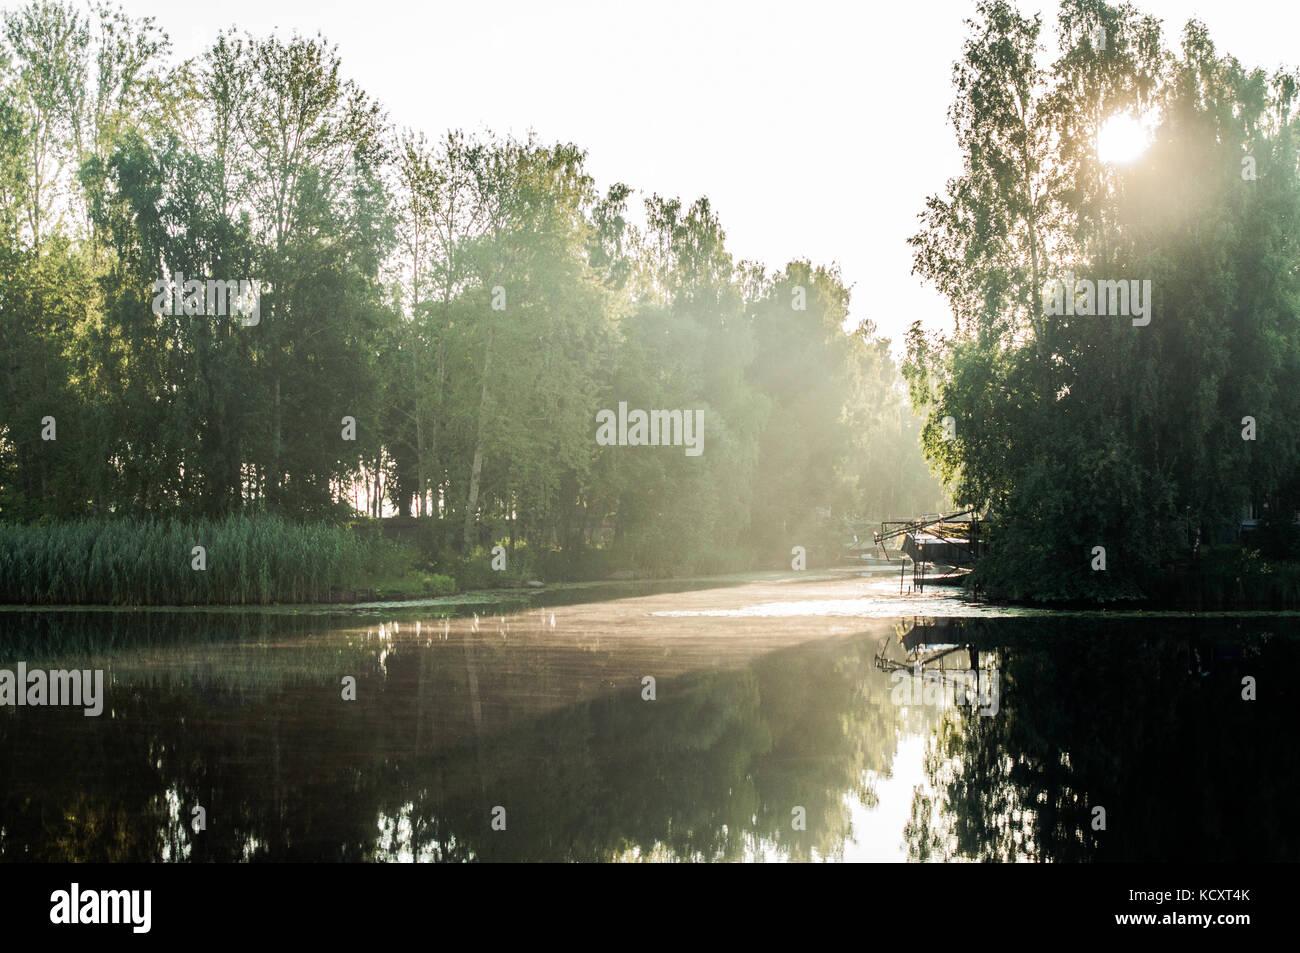 Sonnenstrahlen trog Birke Filialen. Reflexionen auf der Oberfläche. Kleiner Hafen. Stockbild